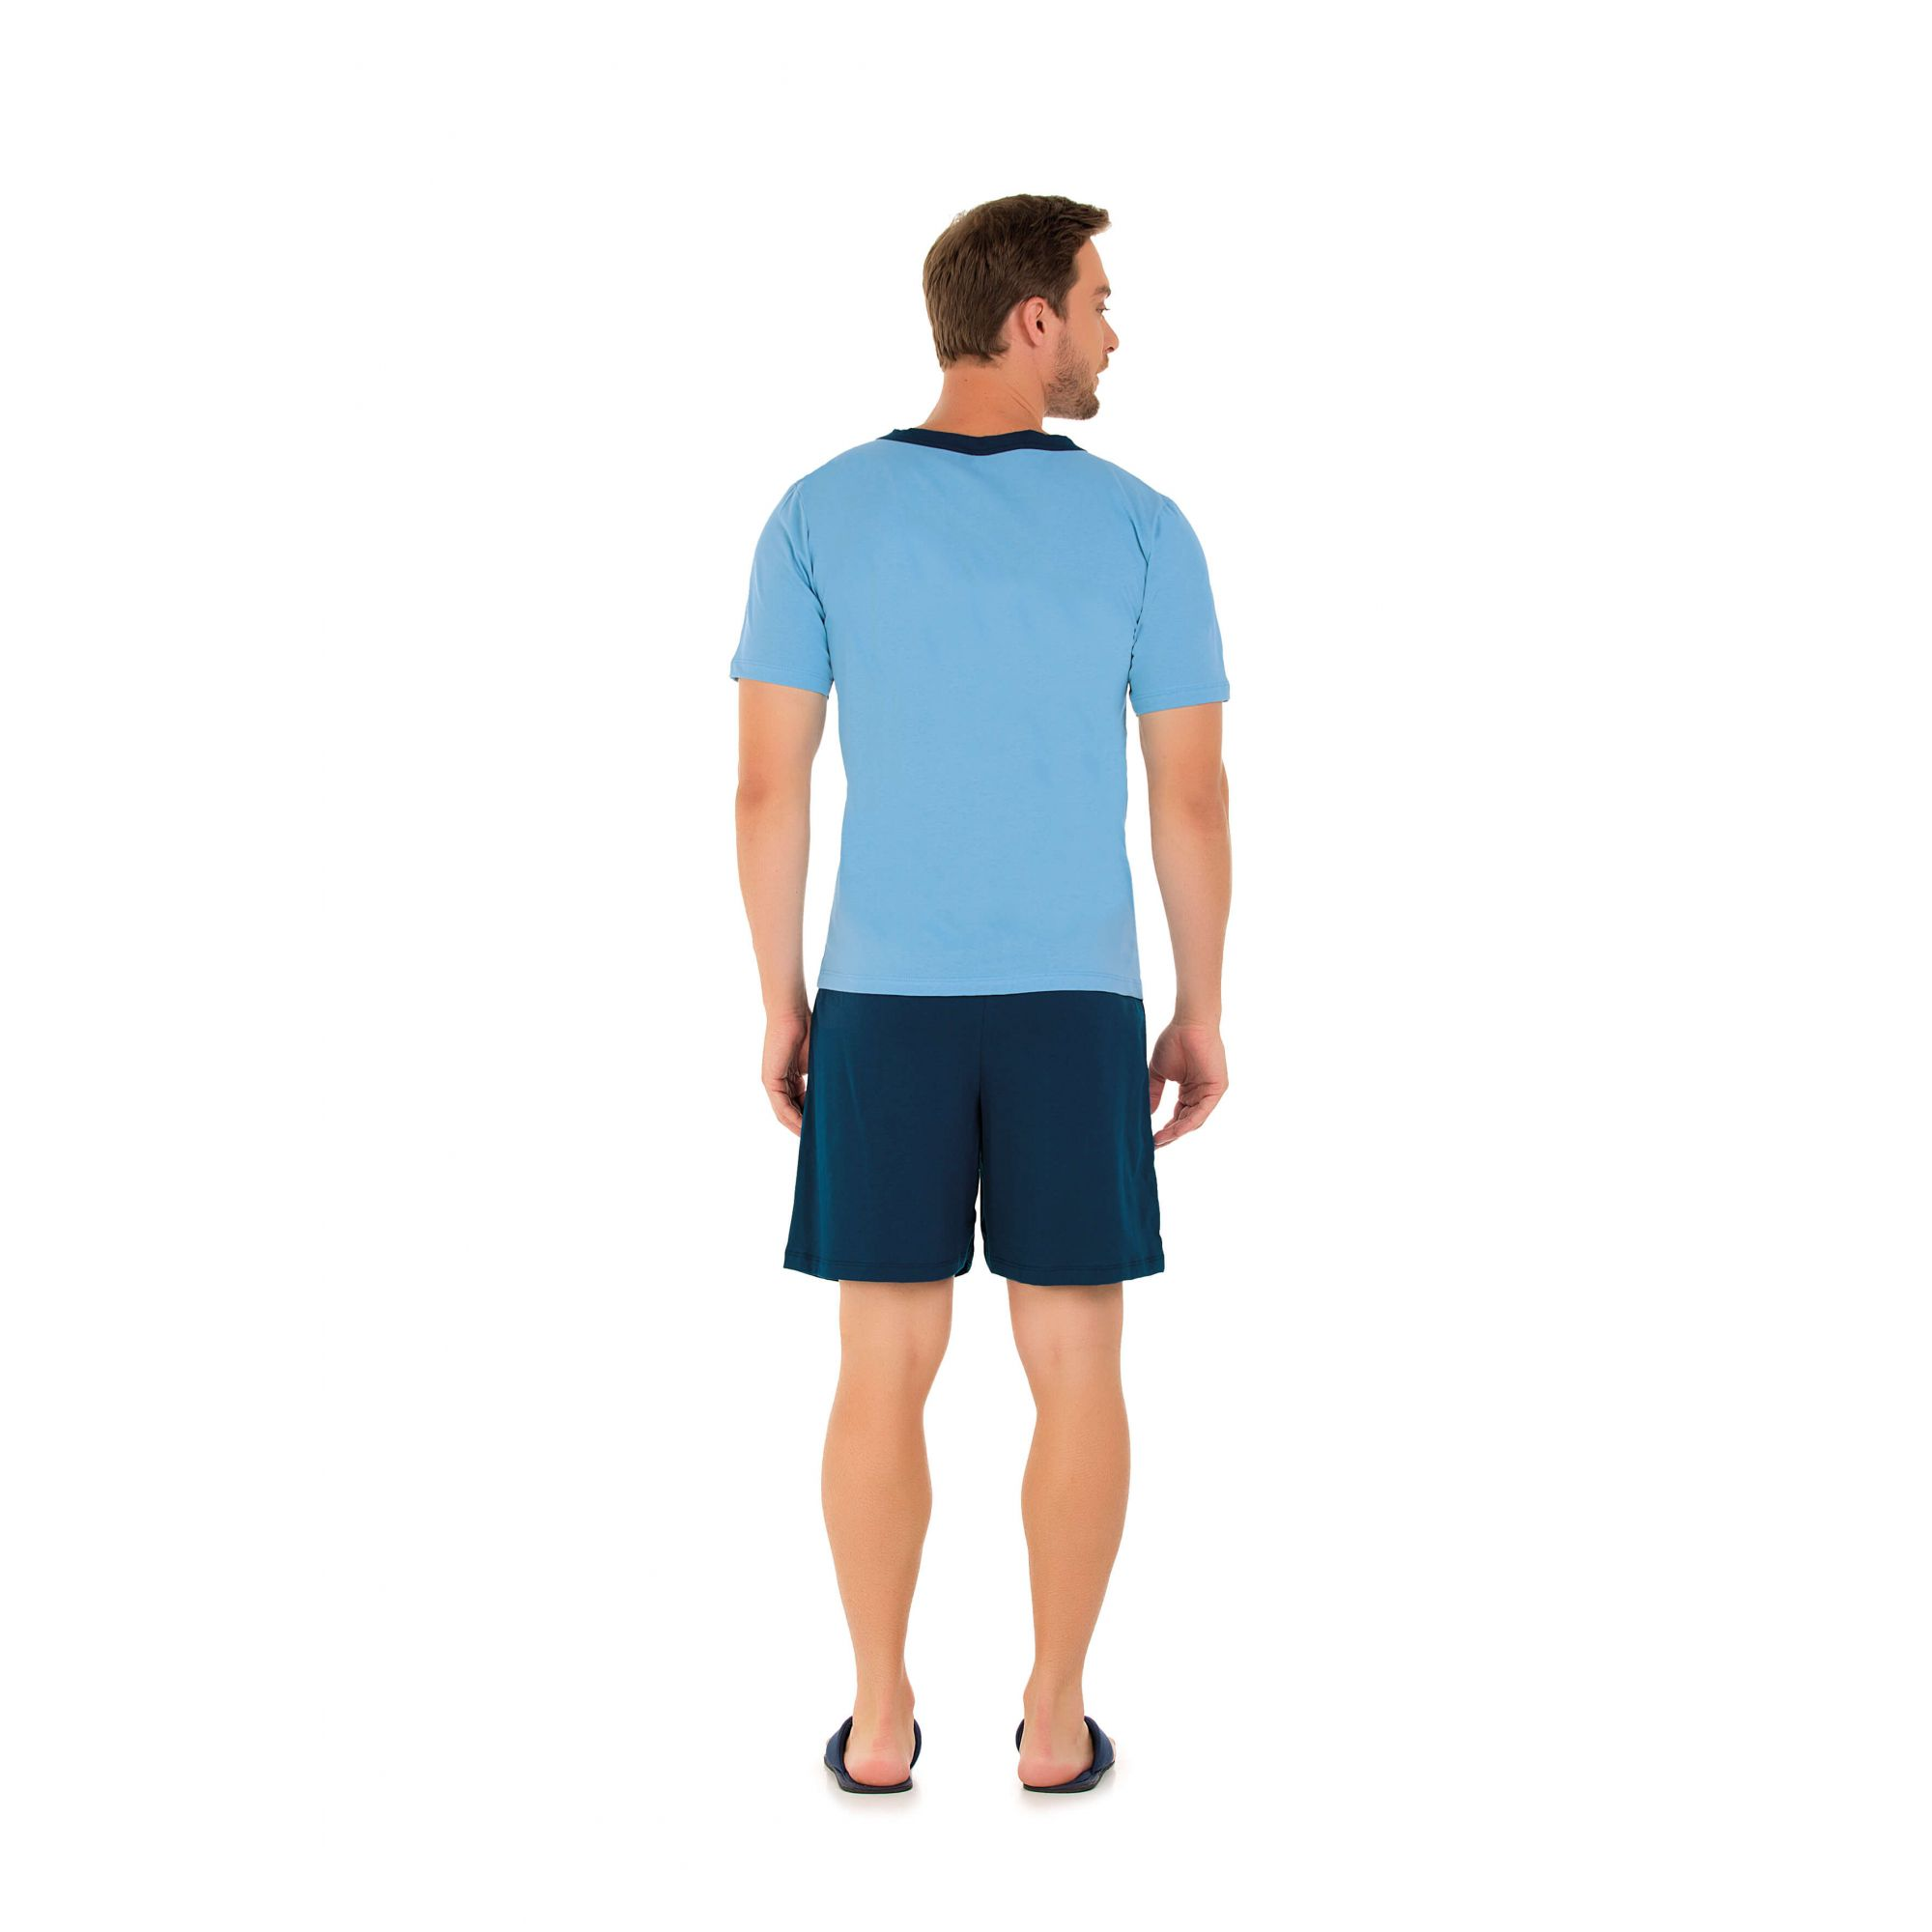 102/F - Pijama Curto Adulto Masculino Aberto